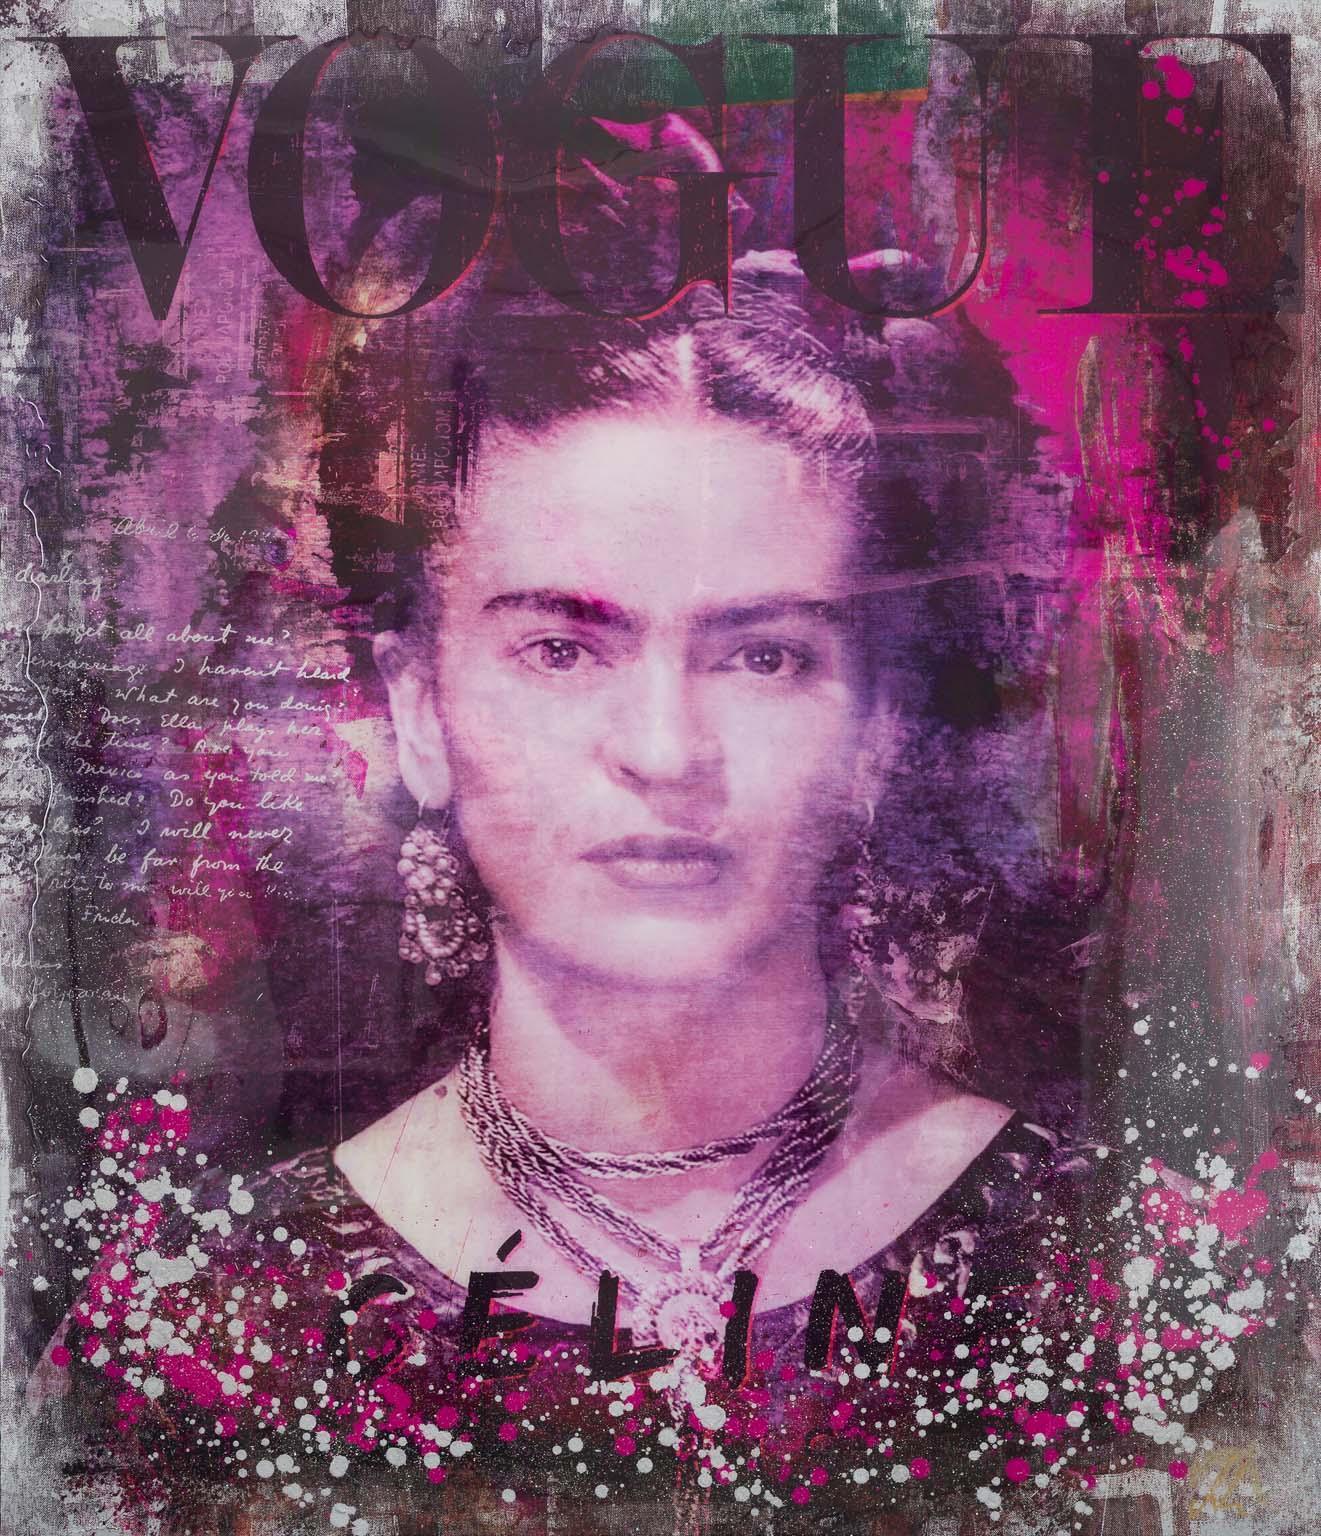 Frida - contemporary mixed media original artwork portrait Frida Kahlo pop art